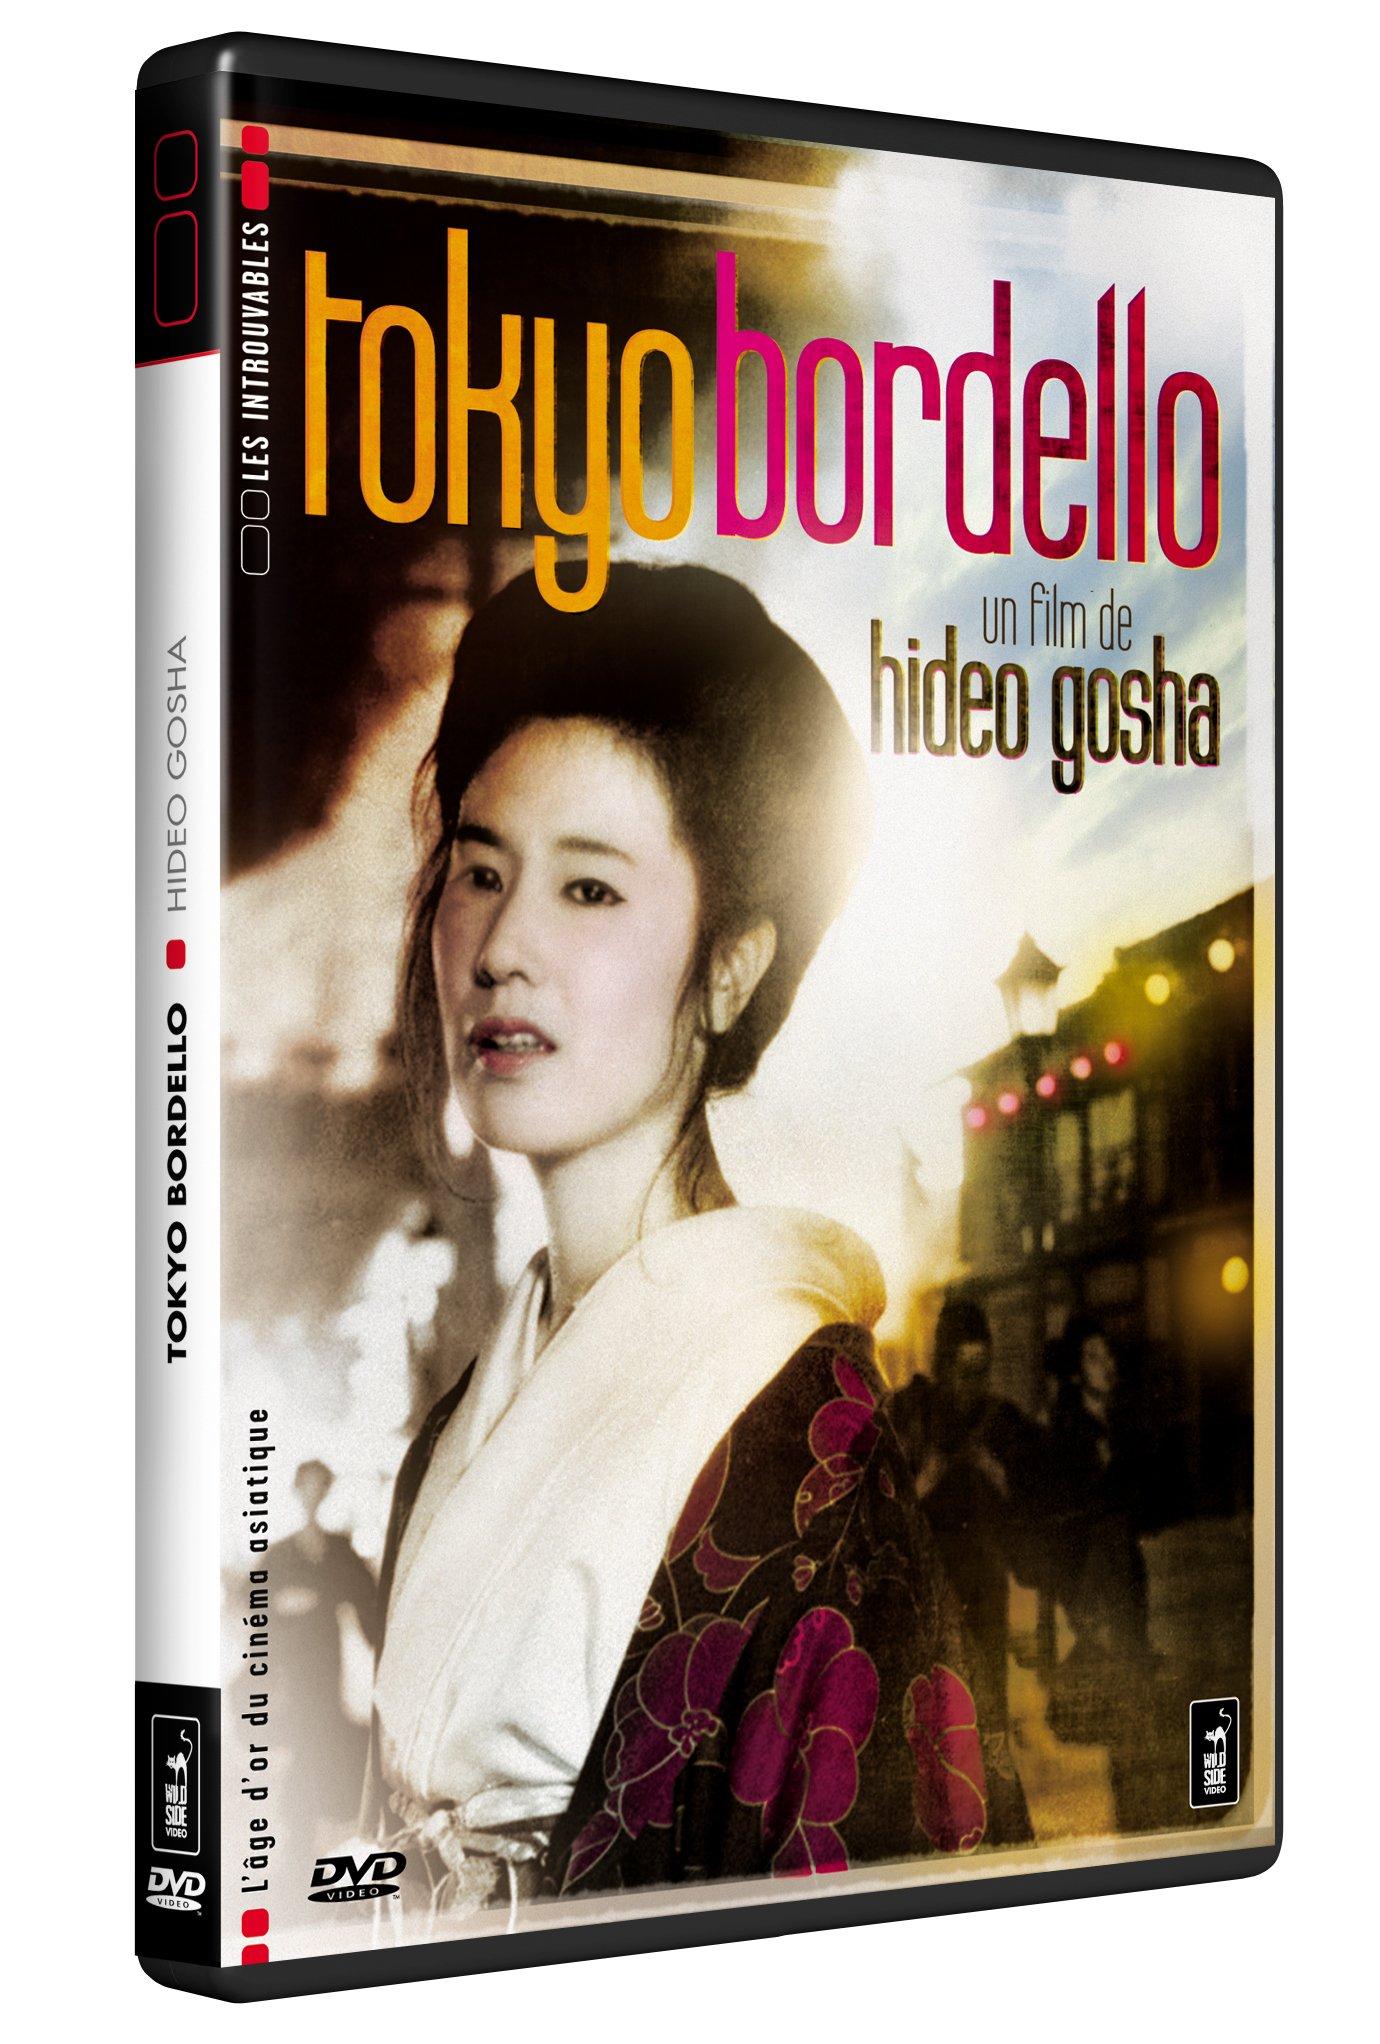 Tokyo bordello [Edizione: Francia]